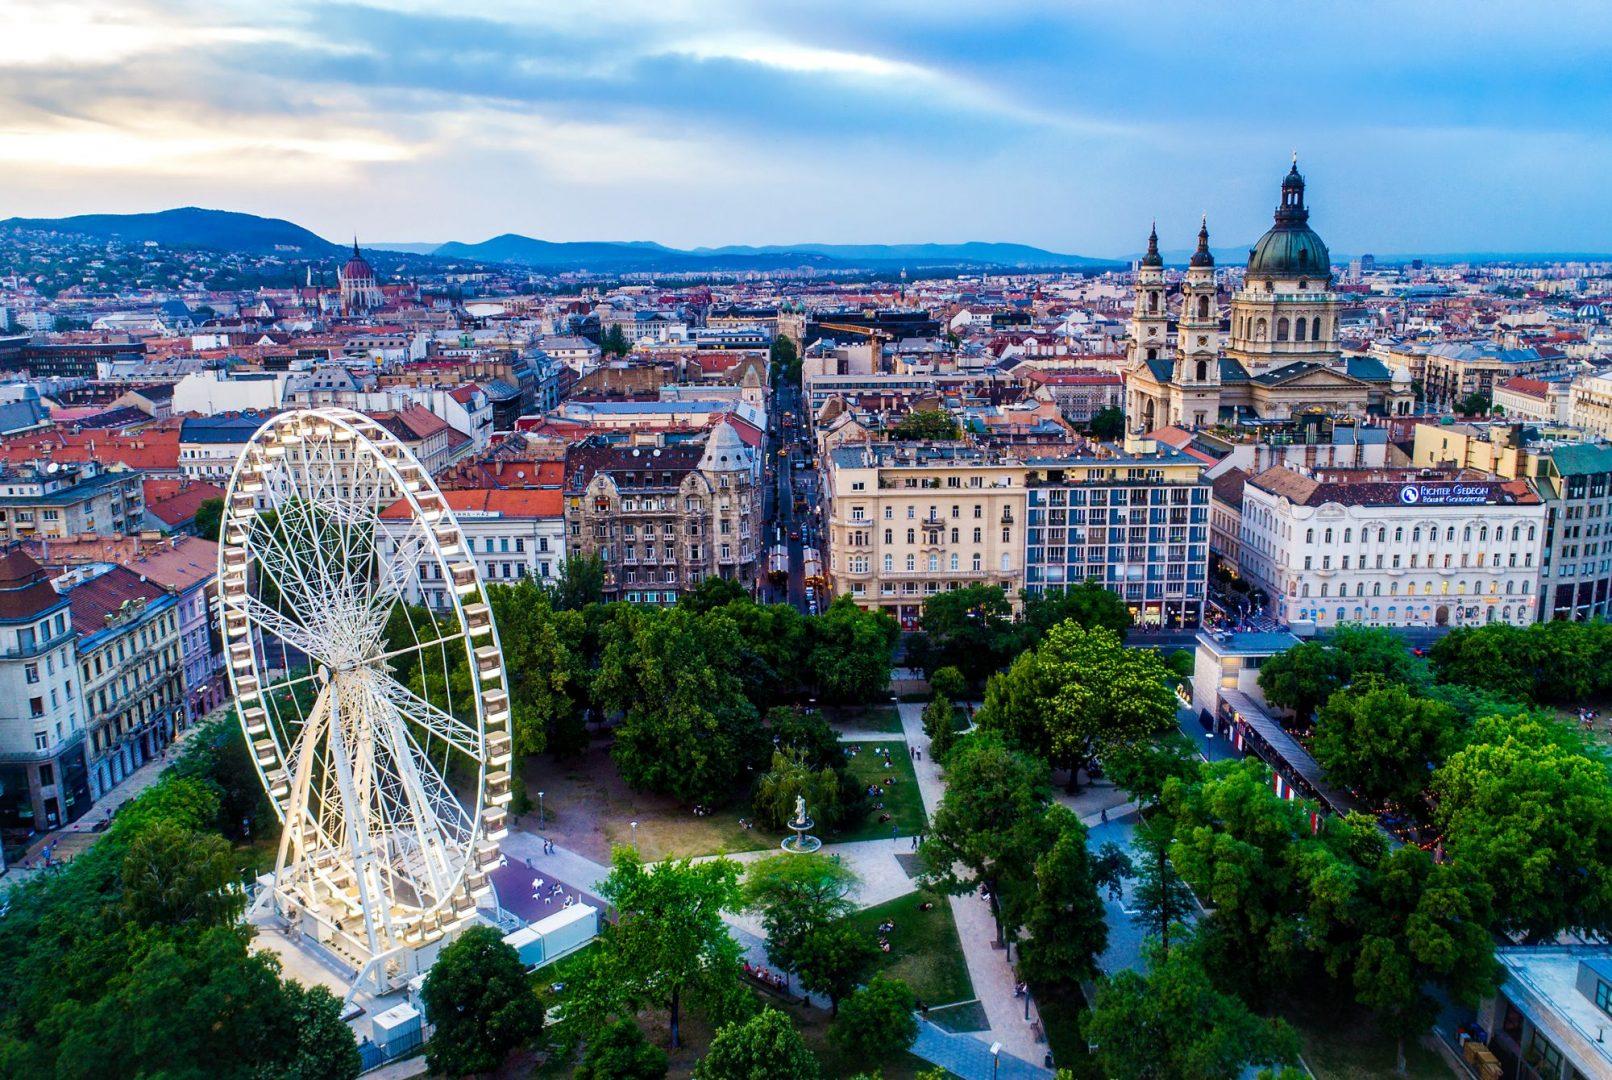 Вся Венгрия в одном туре с перелетом, экскурсиями и питанием от 436 евро